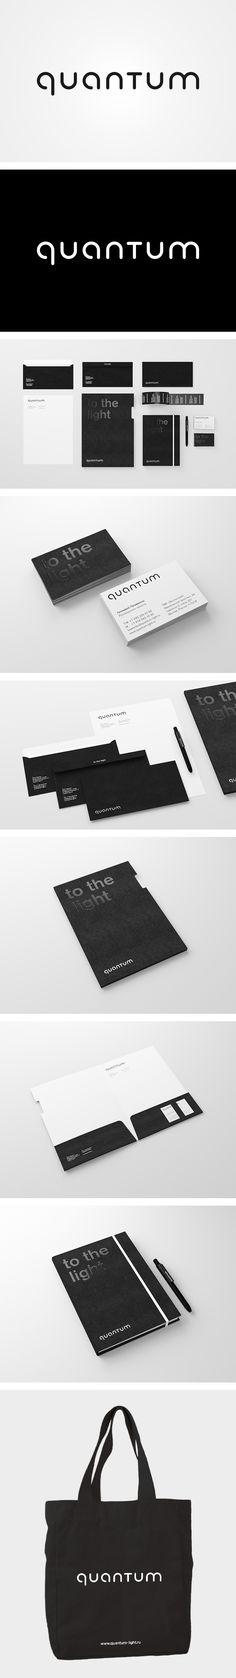 quantum #identity #design #type